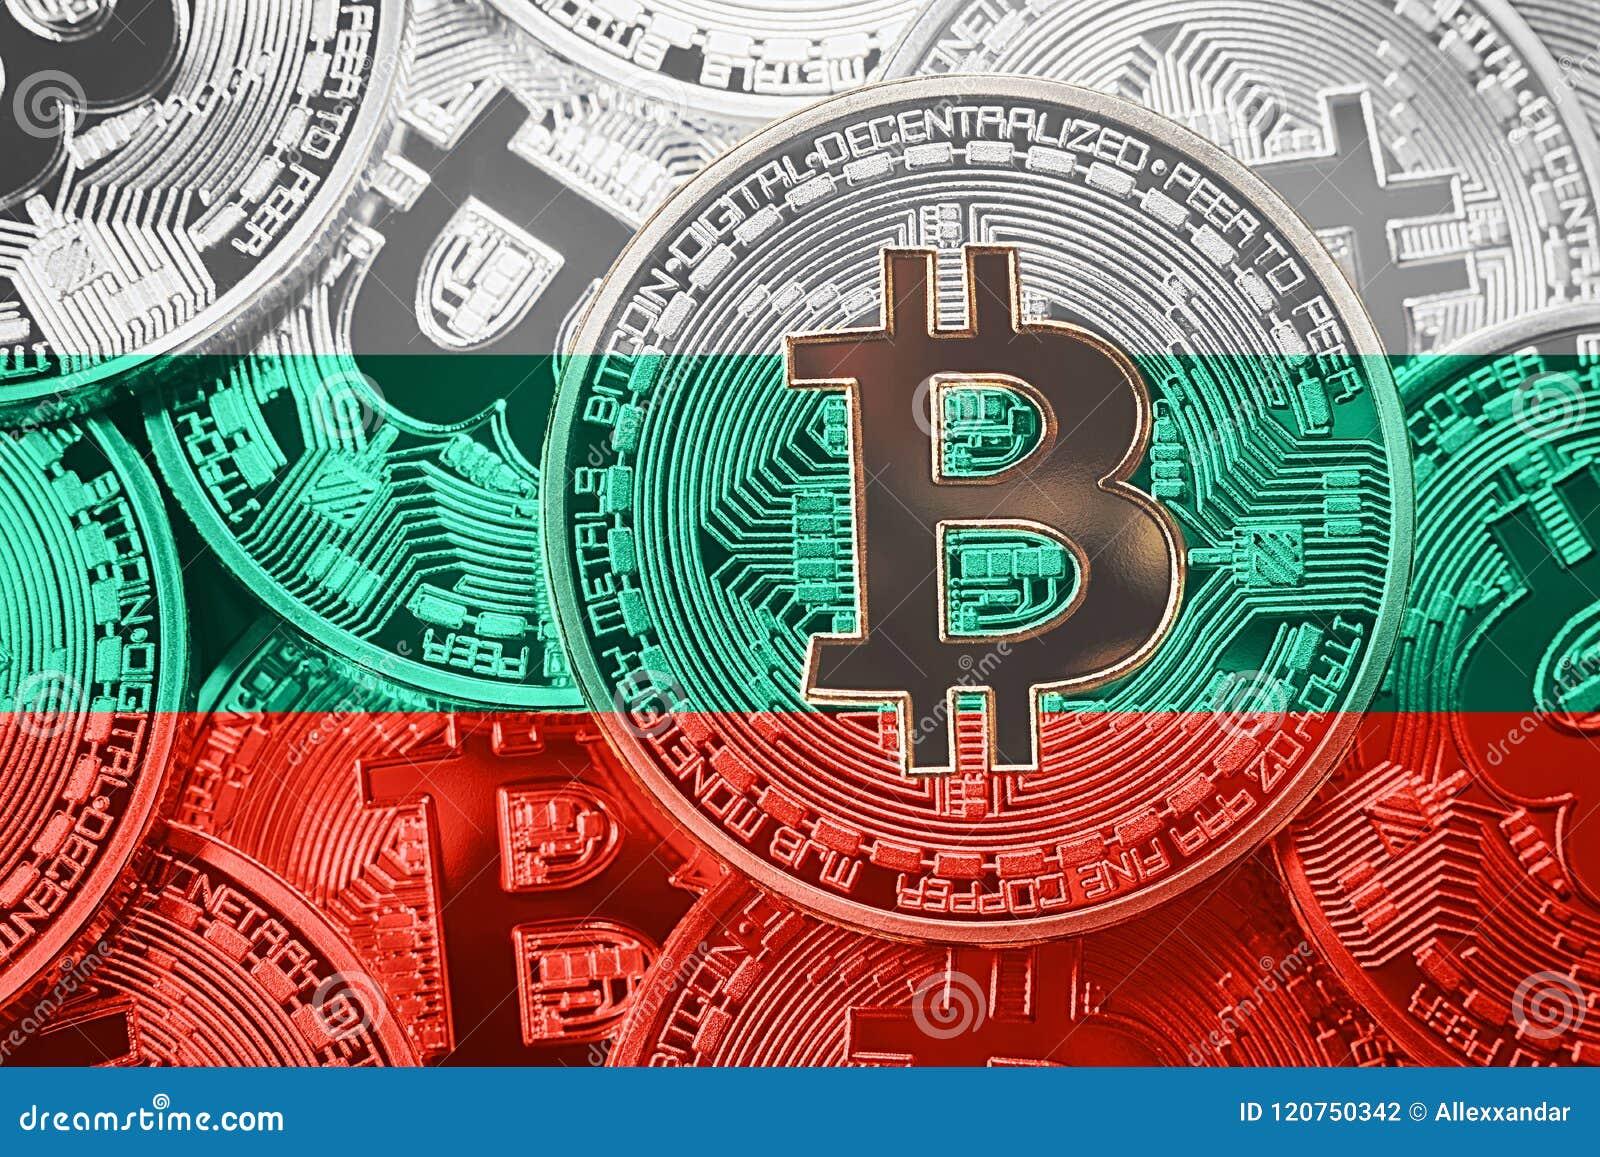 Bulgaria are Bitcoin în valoare de 3 miliarde de dolari